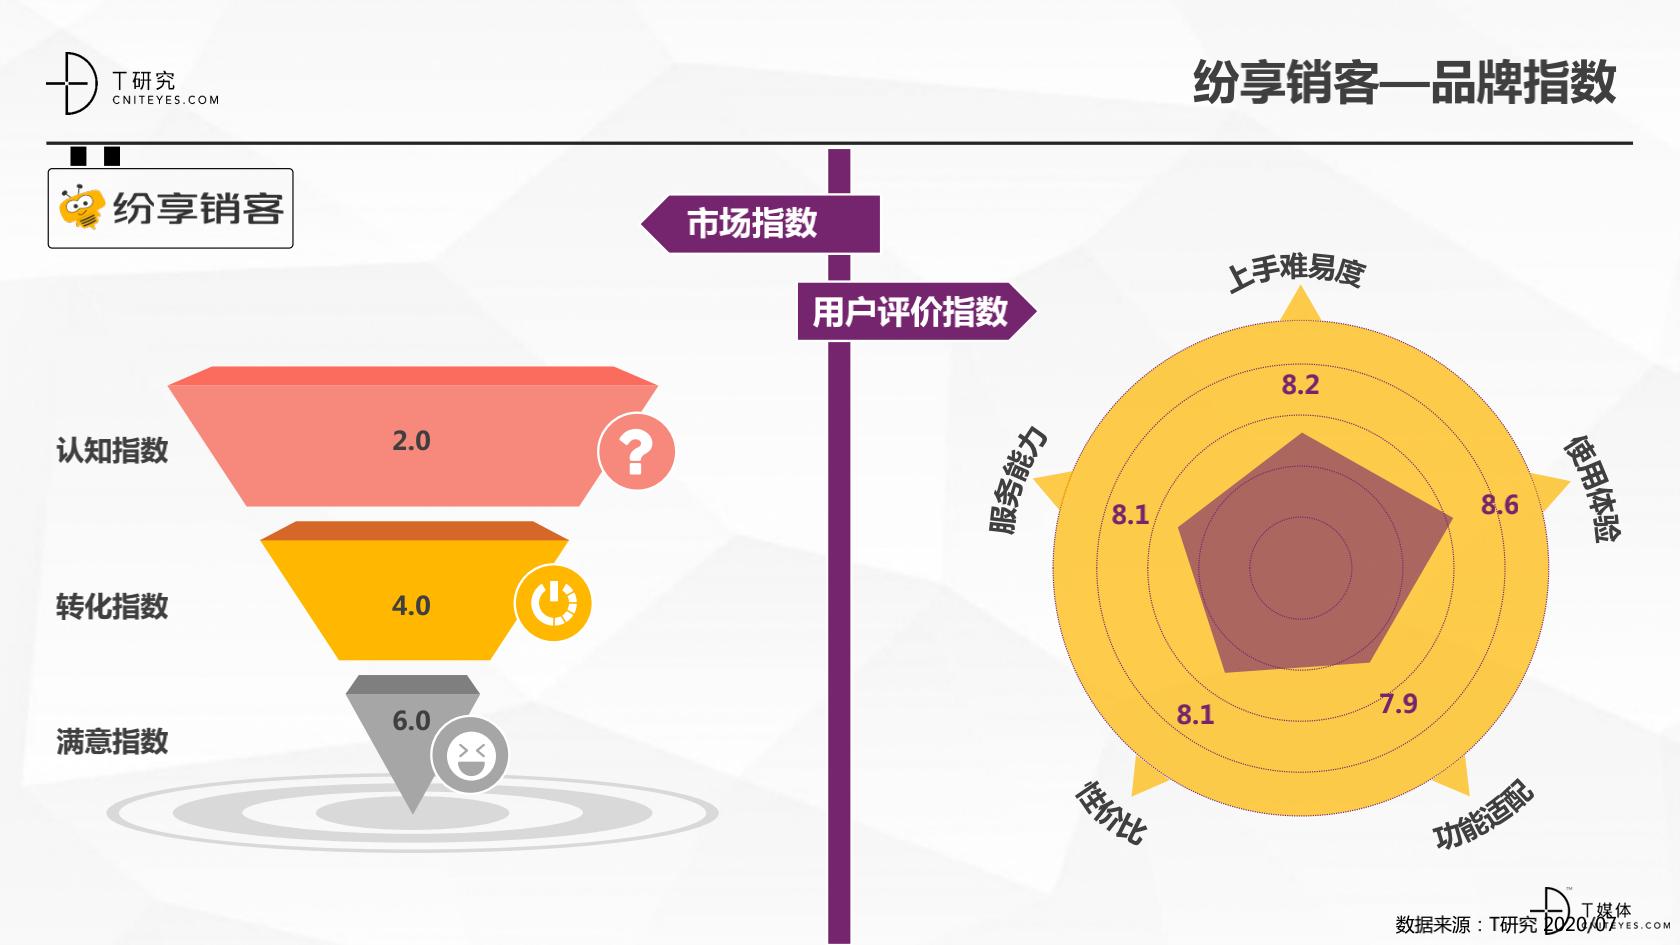 2_2020中国CRM指数测评报告v1.5_20.png